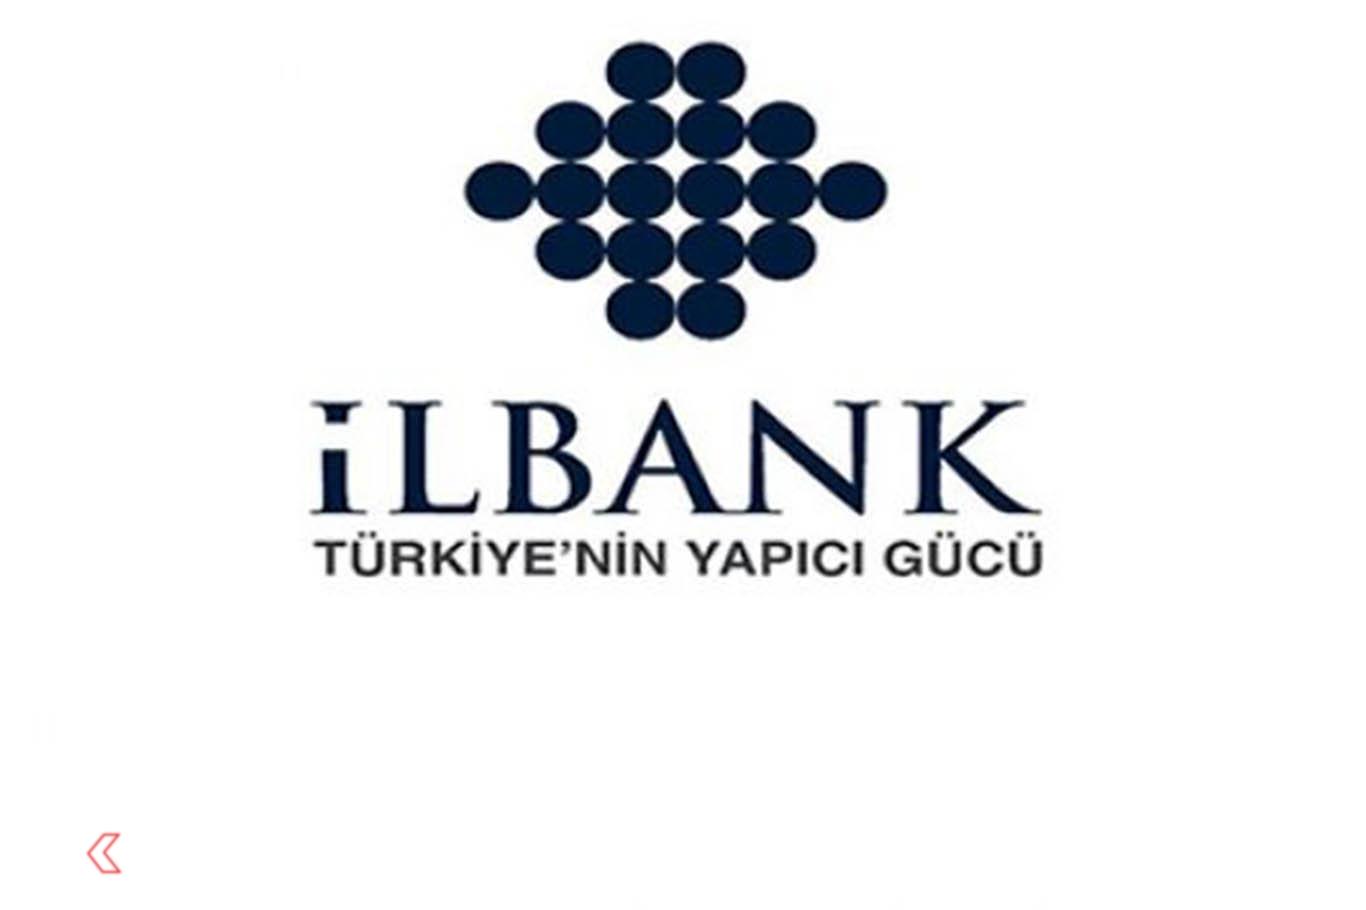 İLBANKın sermayesi 30 milyar liraya çıkarıldı.